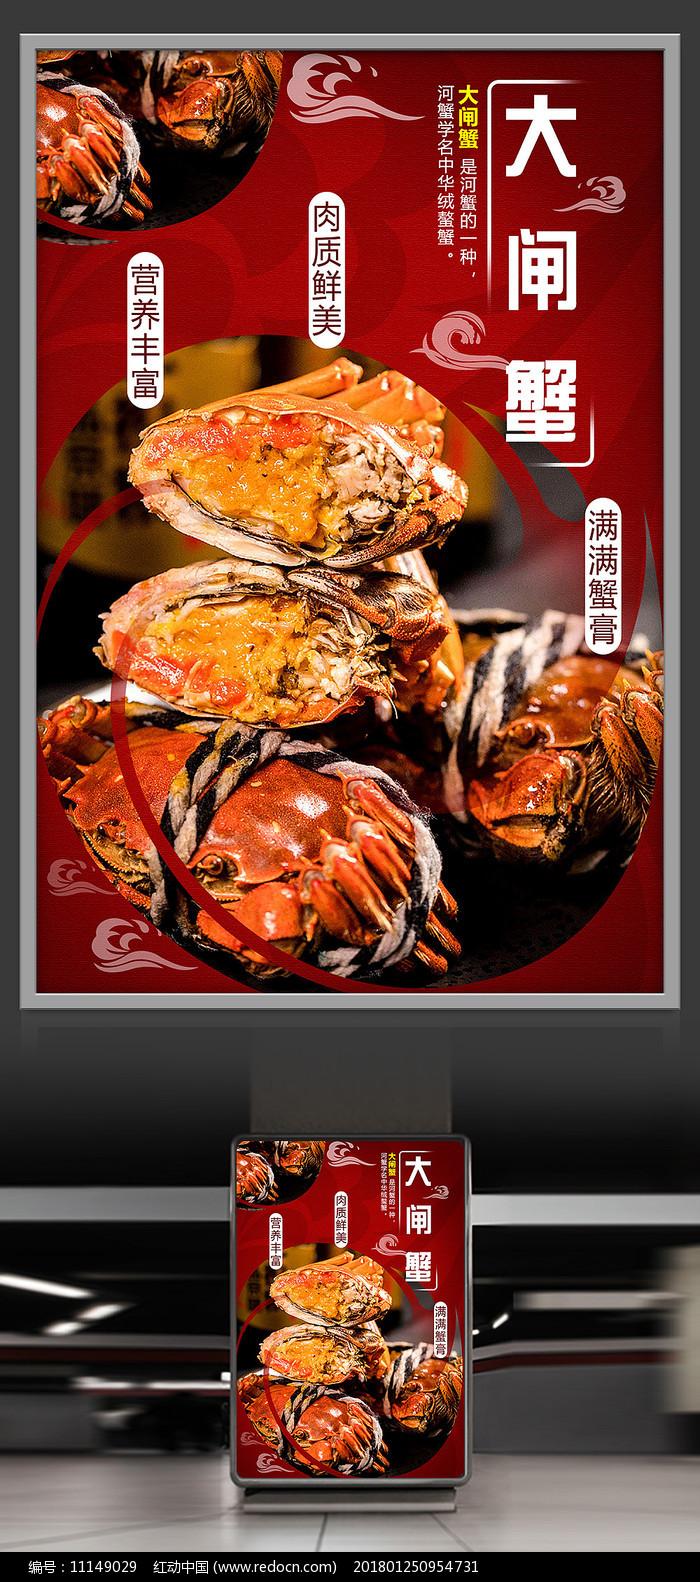 海鲜美食大闸蟹海鲜美食海报设计图片